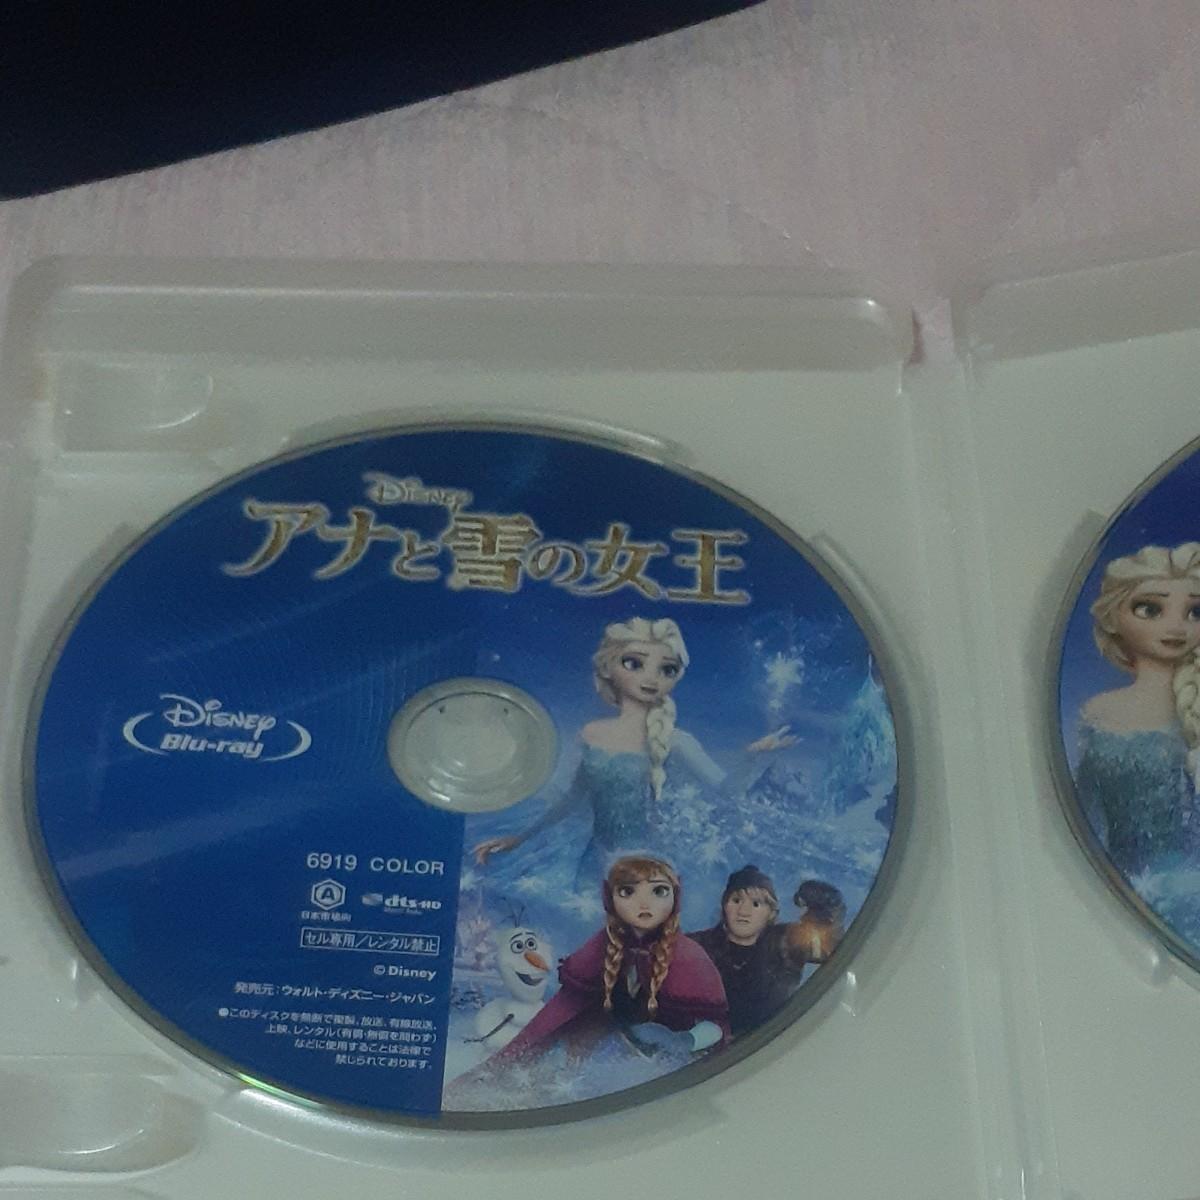 アナと雪の女王 MovieNEX Blu-ray(2枚組)